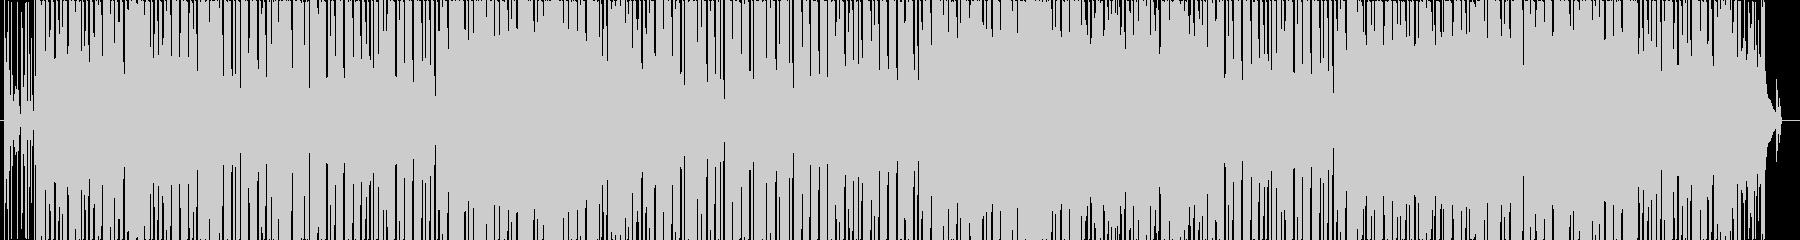 ほのぼのとしたマリンバ入りインストの未再生の波形